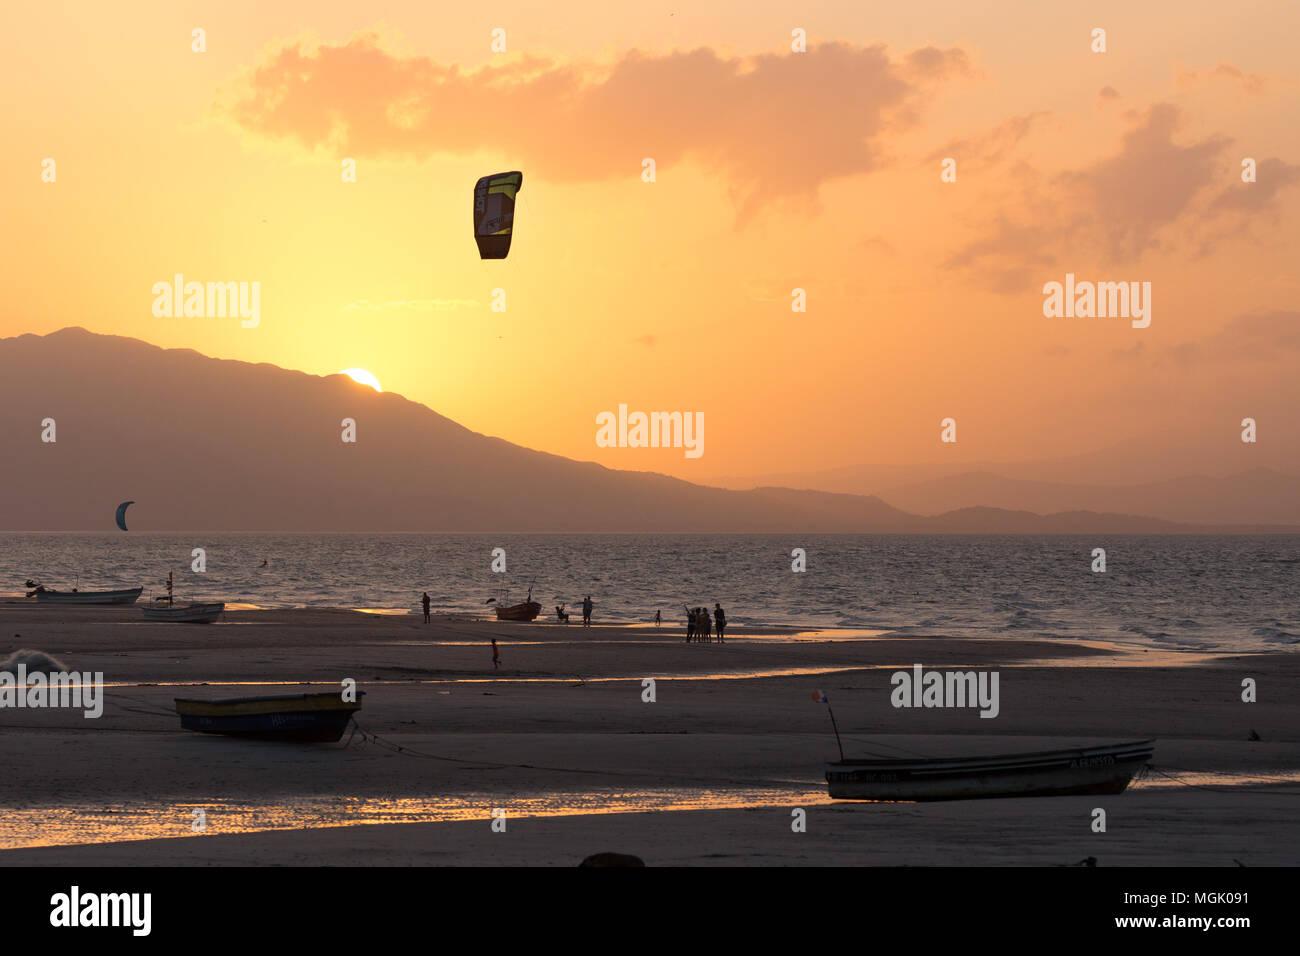 Kitesurfing around fishing boats during sunset at Punta Chame, Panama - Stock Image